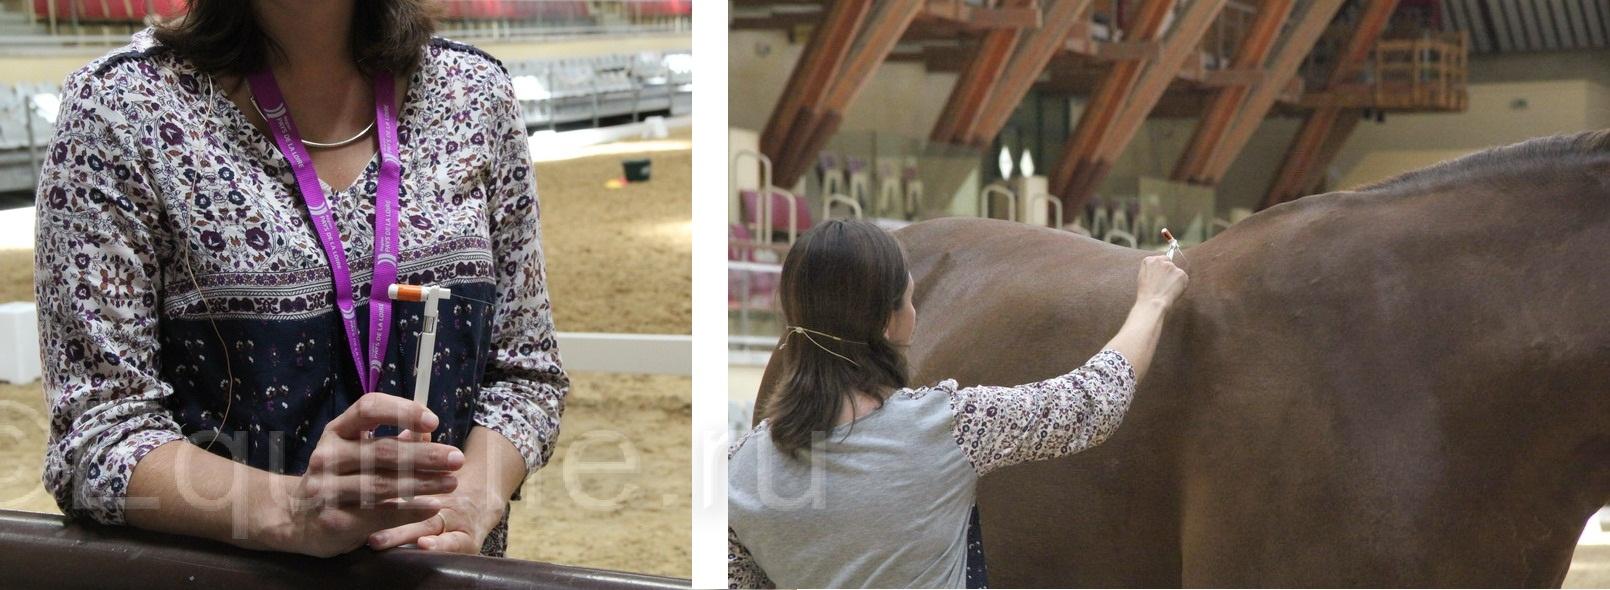 Отчет о посещении 12th International Society Equitation Science 2016 - фото IMG_0873-1_wm, главная События Тренинг , конный журнал EquiLIfe